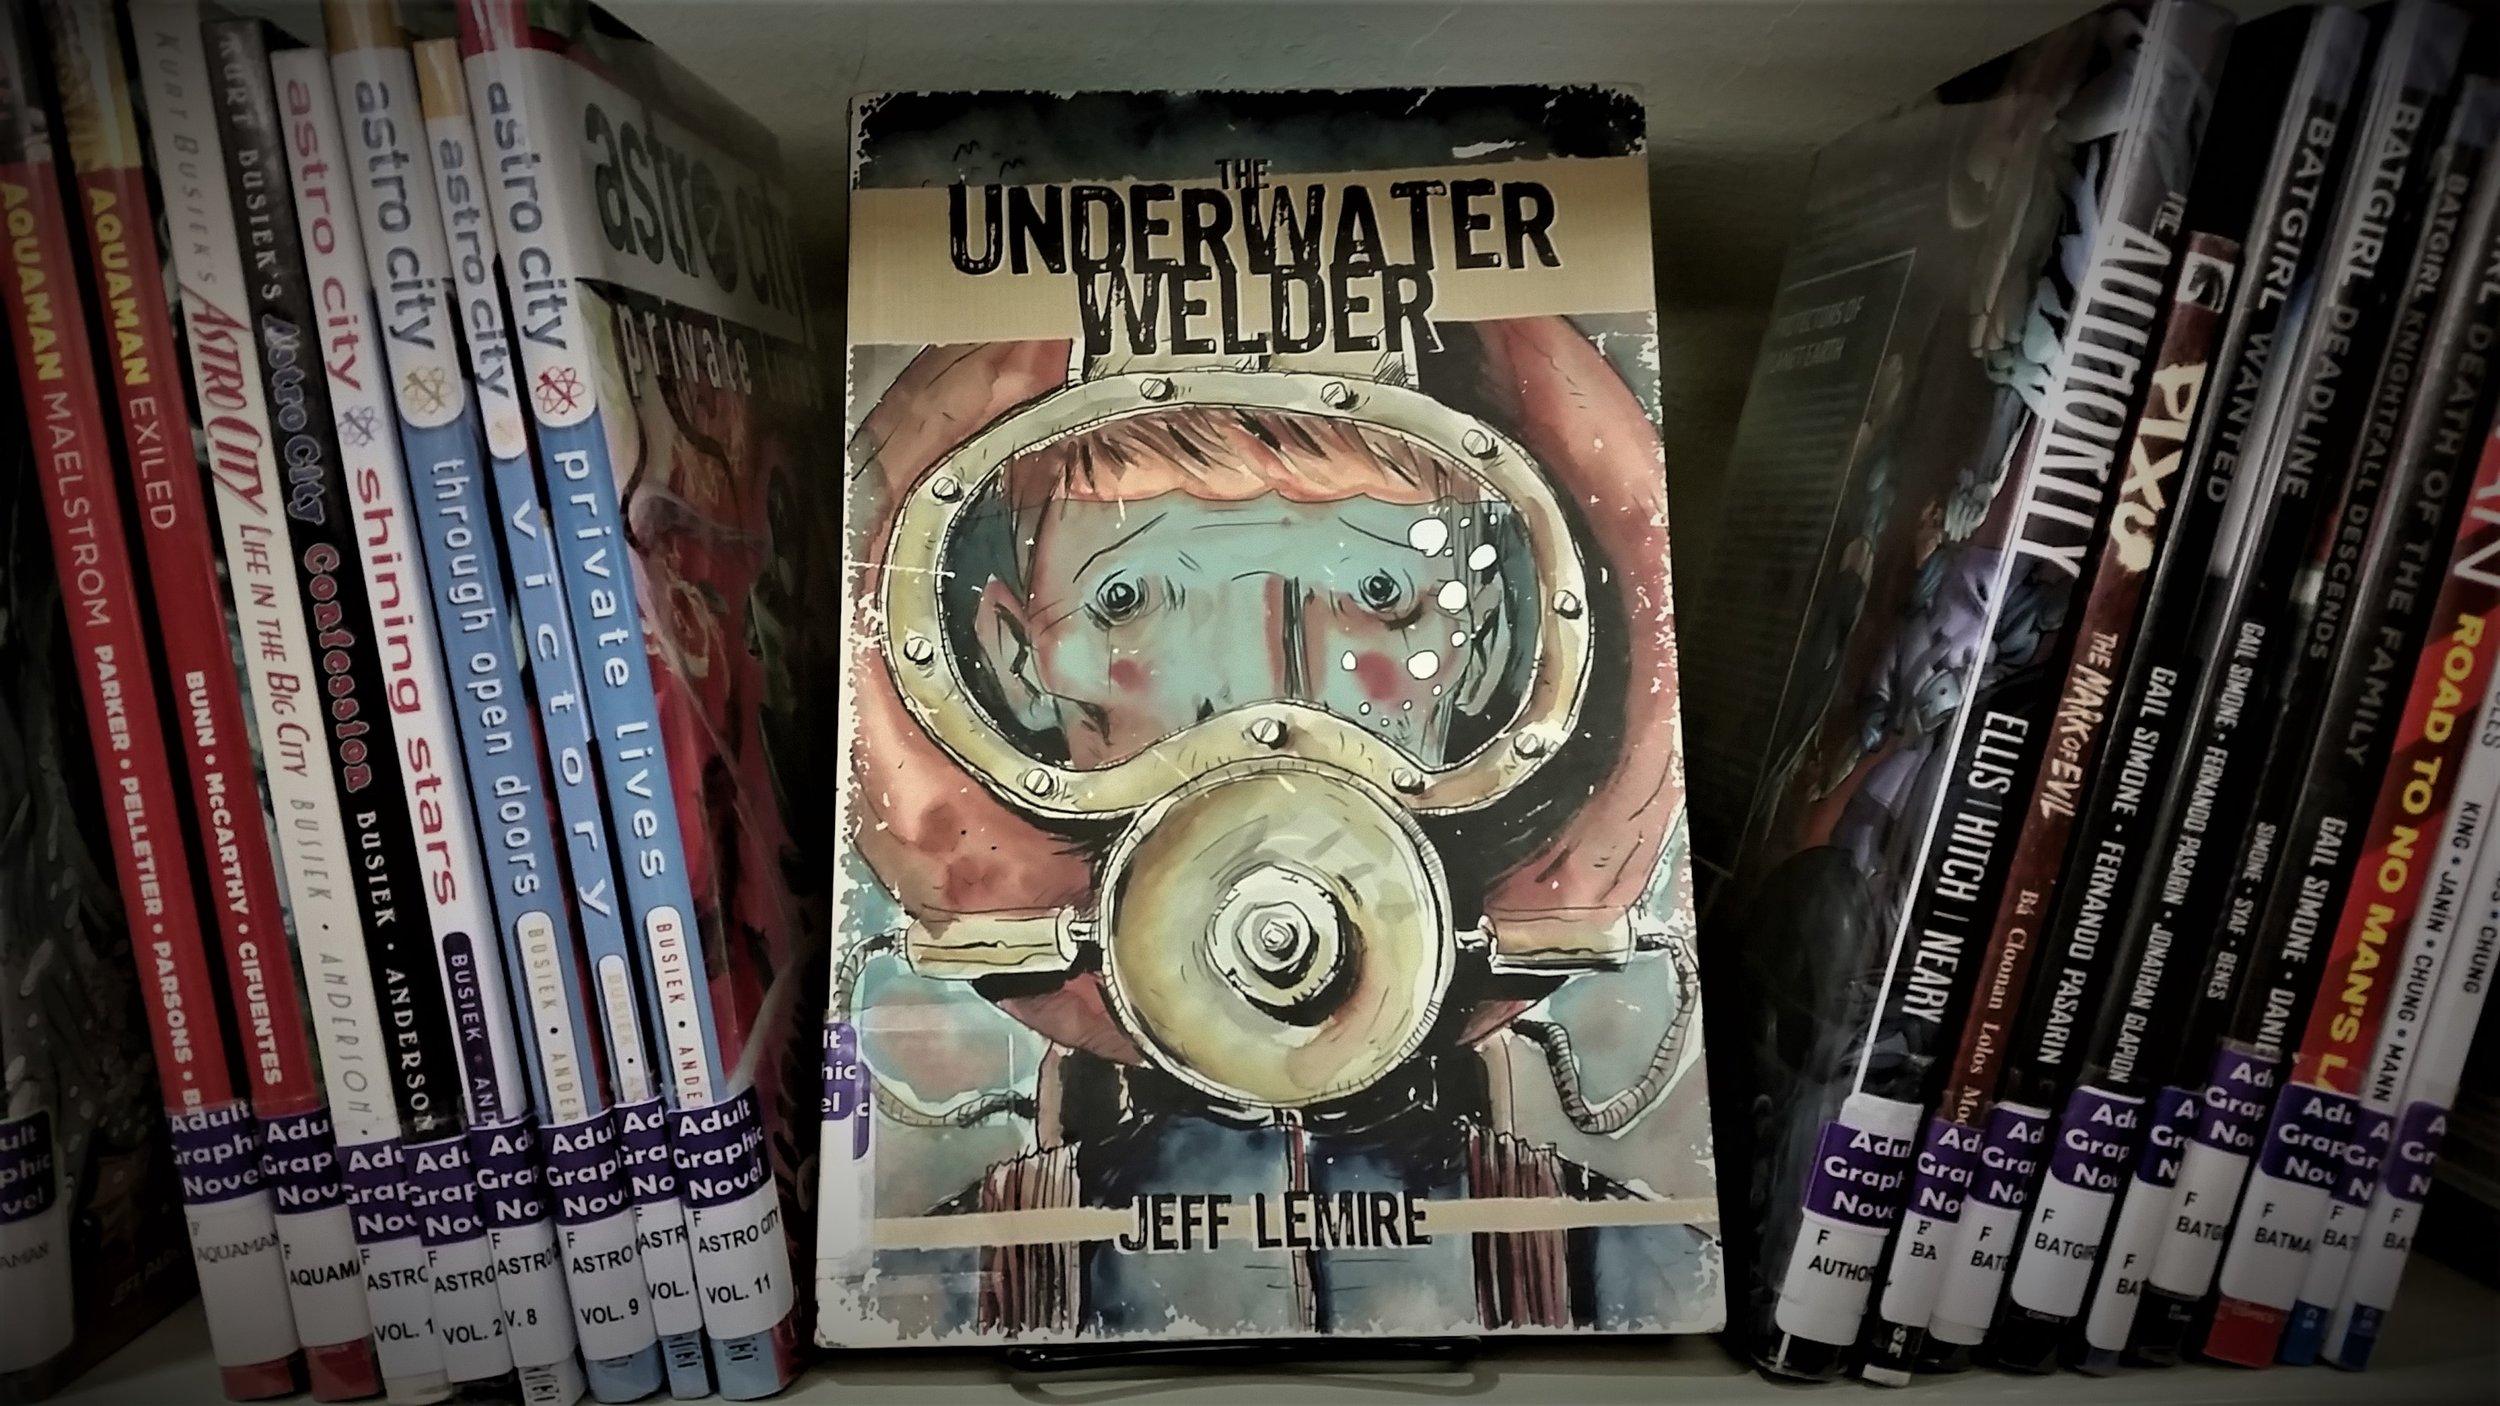 UNDERWATER WELDER COVER PHOTO BY andhereads.jpg